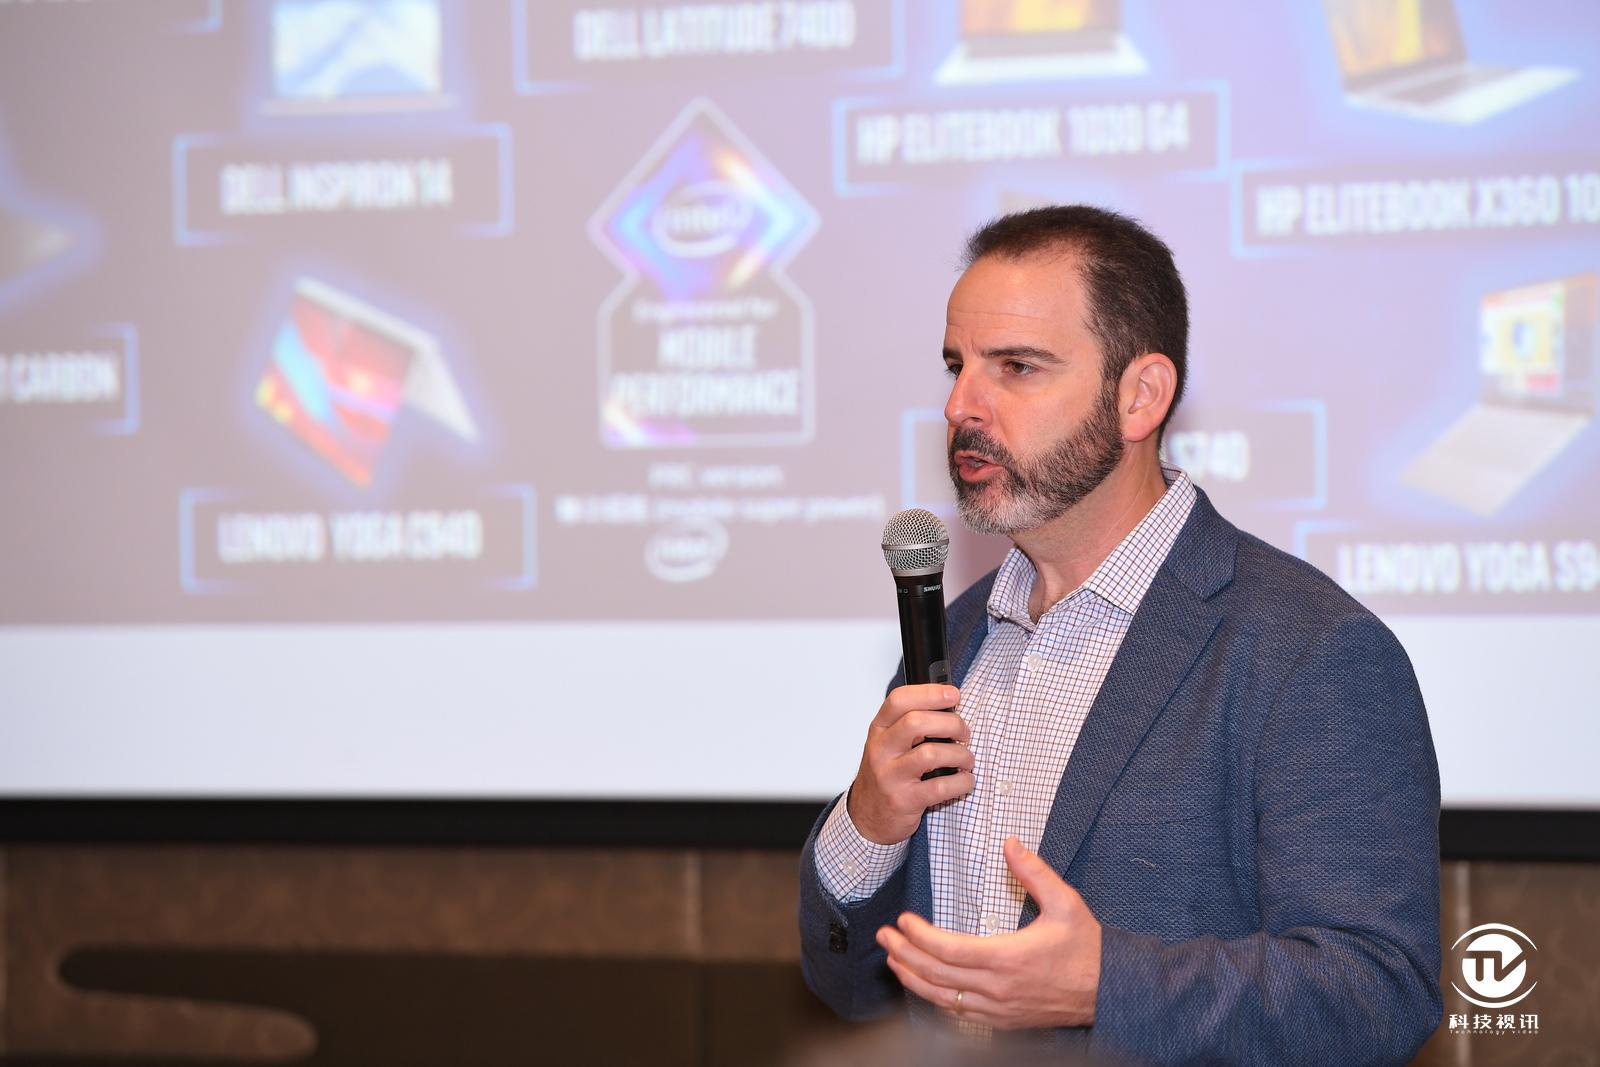 英特爾公司客戶端計算事業部副總裁、移動創新部門總經理Josh Newman.JPG